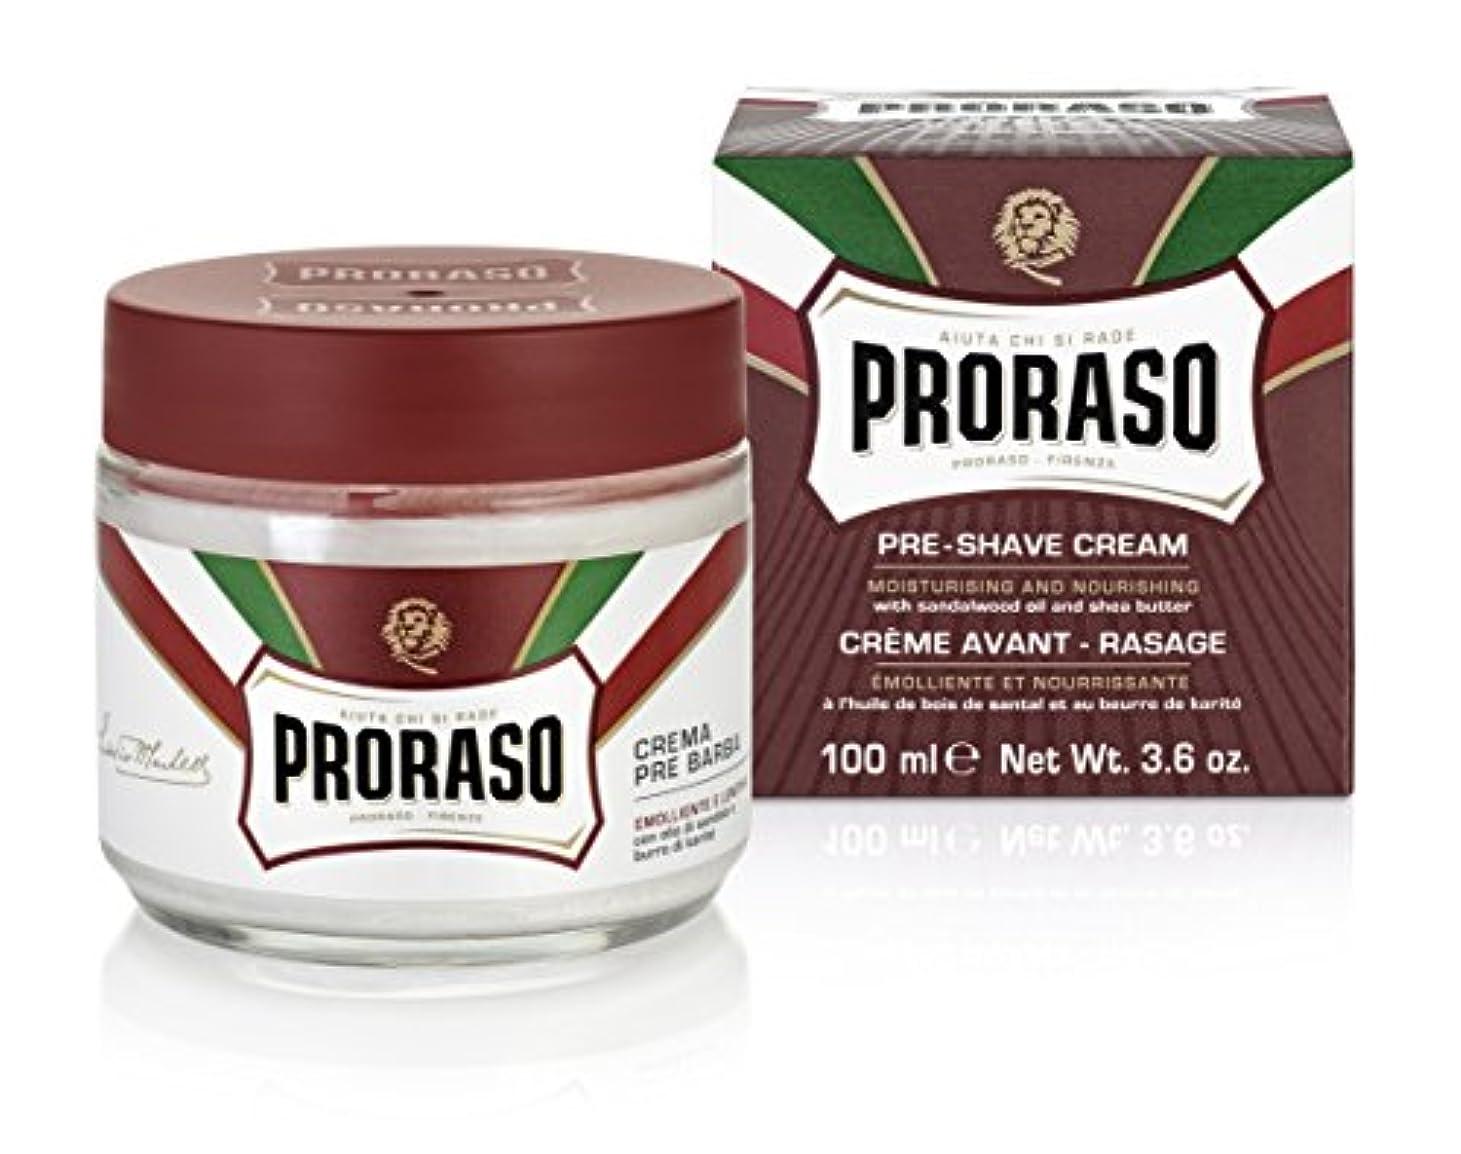 ガラスサーバント廃止するPRORASO(ポロラーソ) プレシェーブクリーム ノーリッシュ